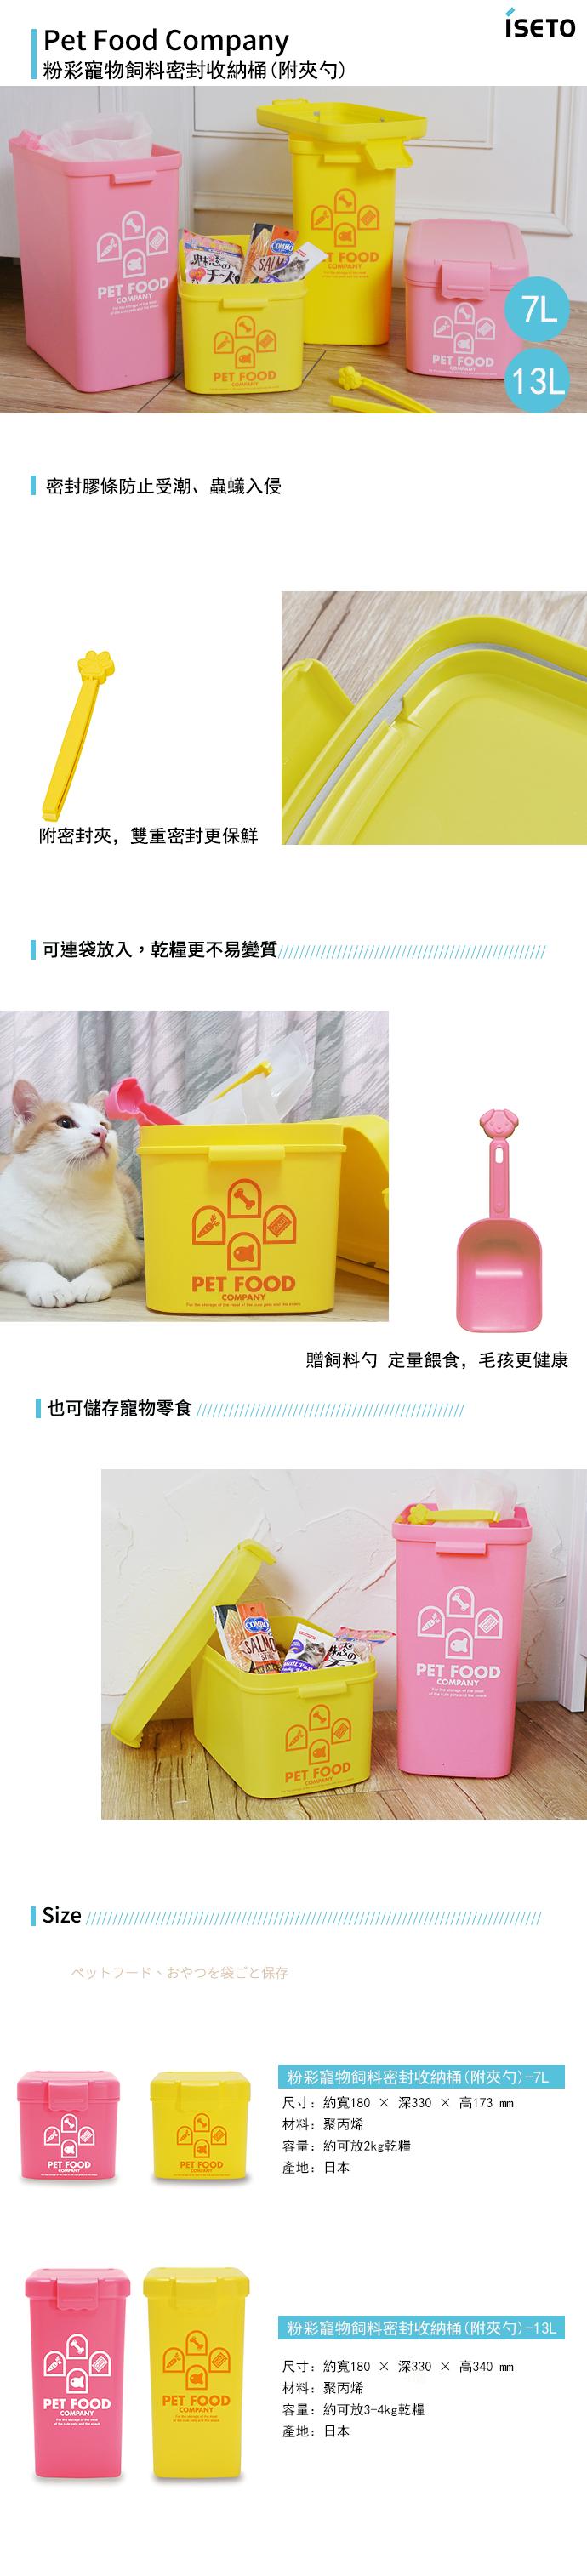 (複製)ISETO | 寵物飼料零食密封收納桶-13L